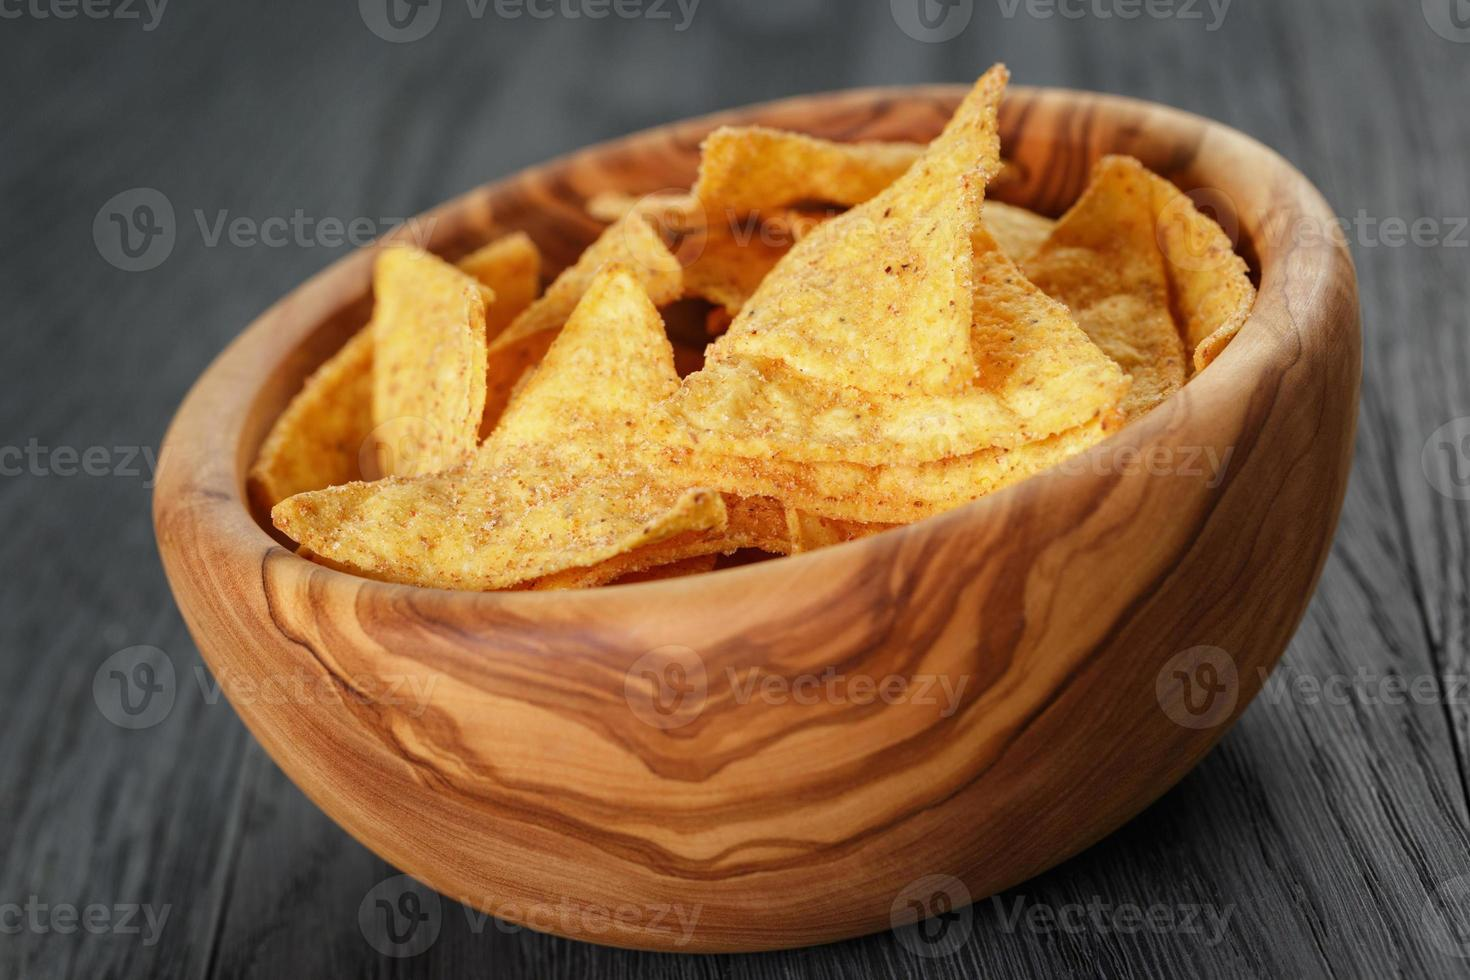 tortillachips i olivträskål på träbord foto